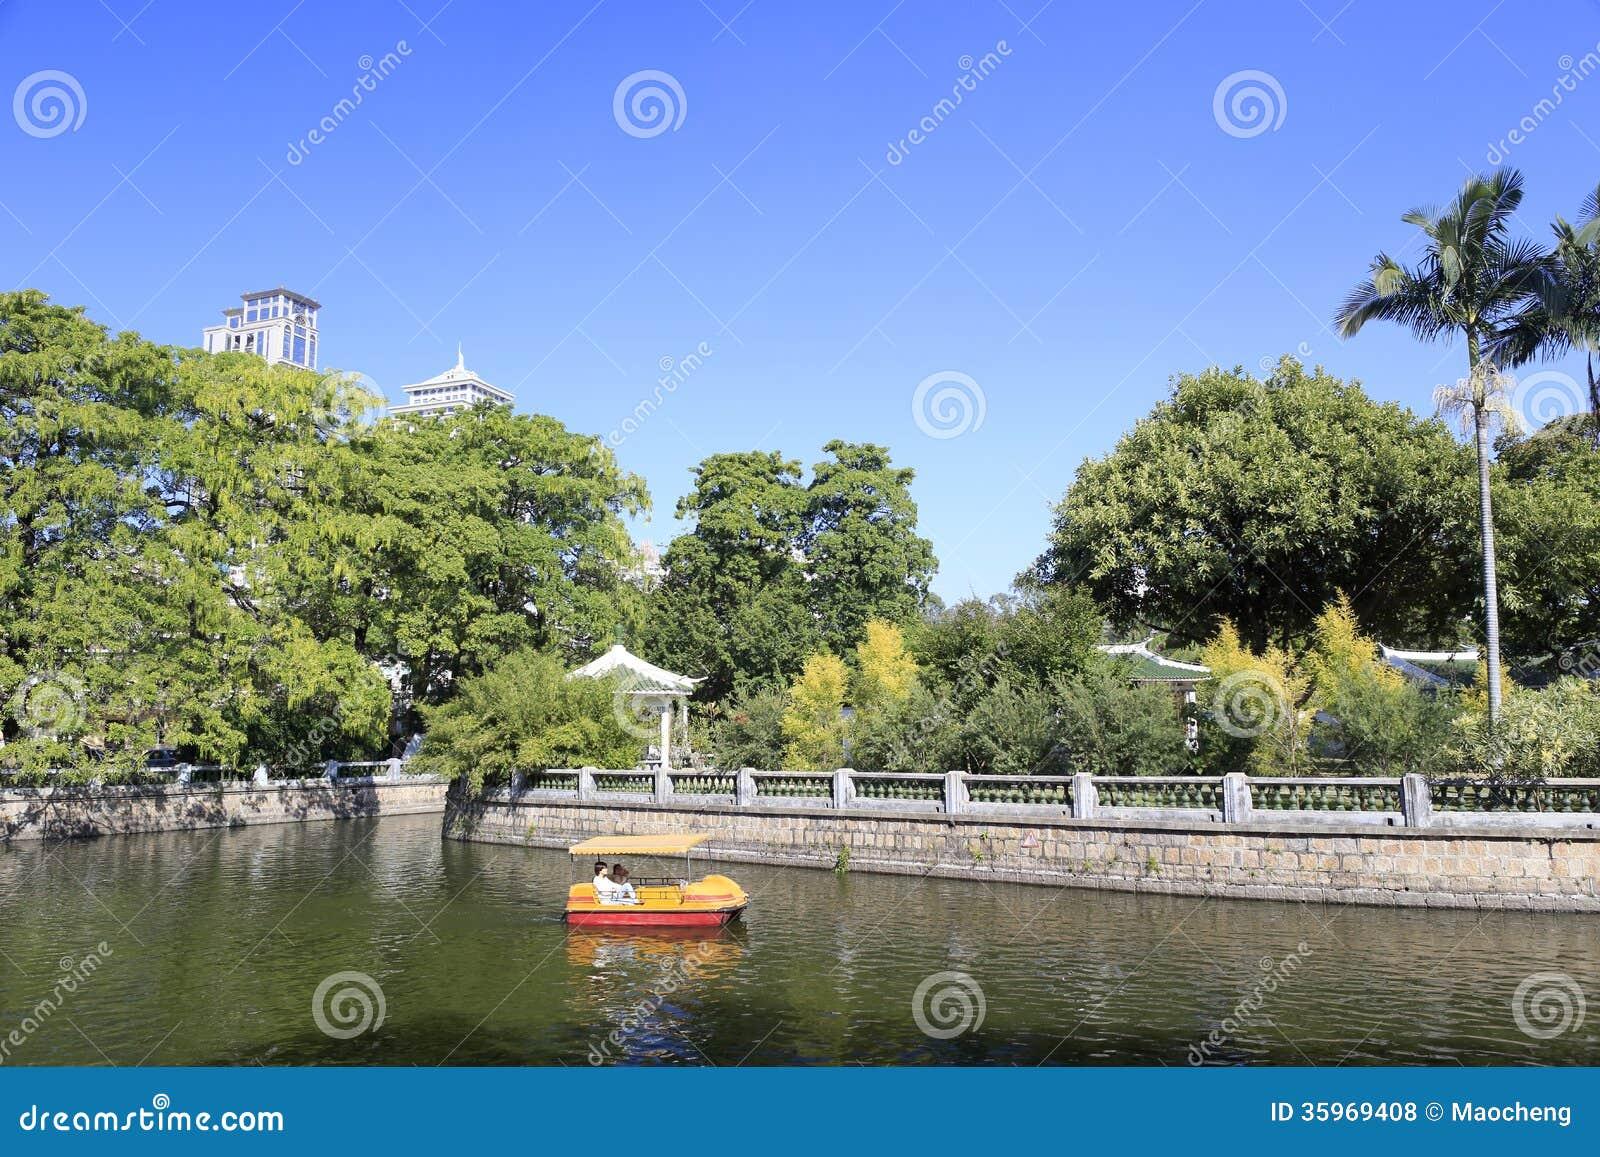 Lago en el parque de zhongshan